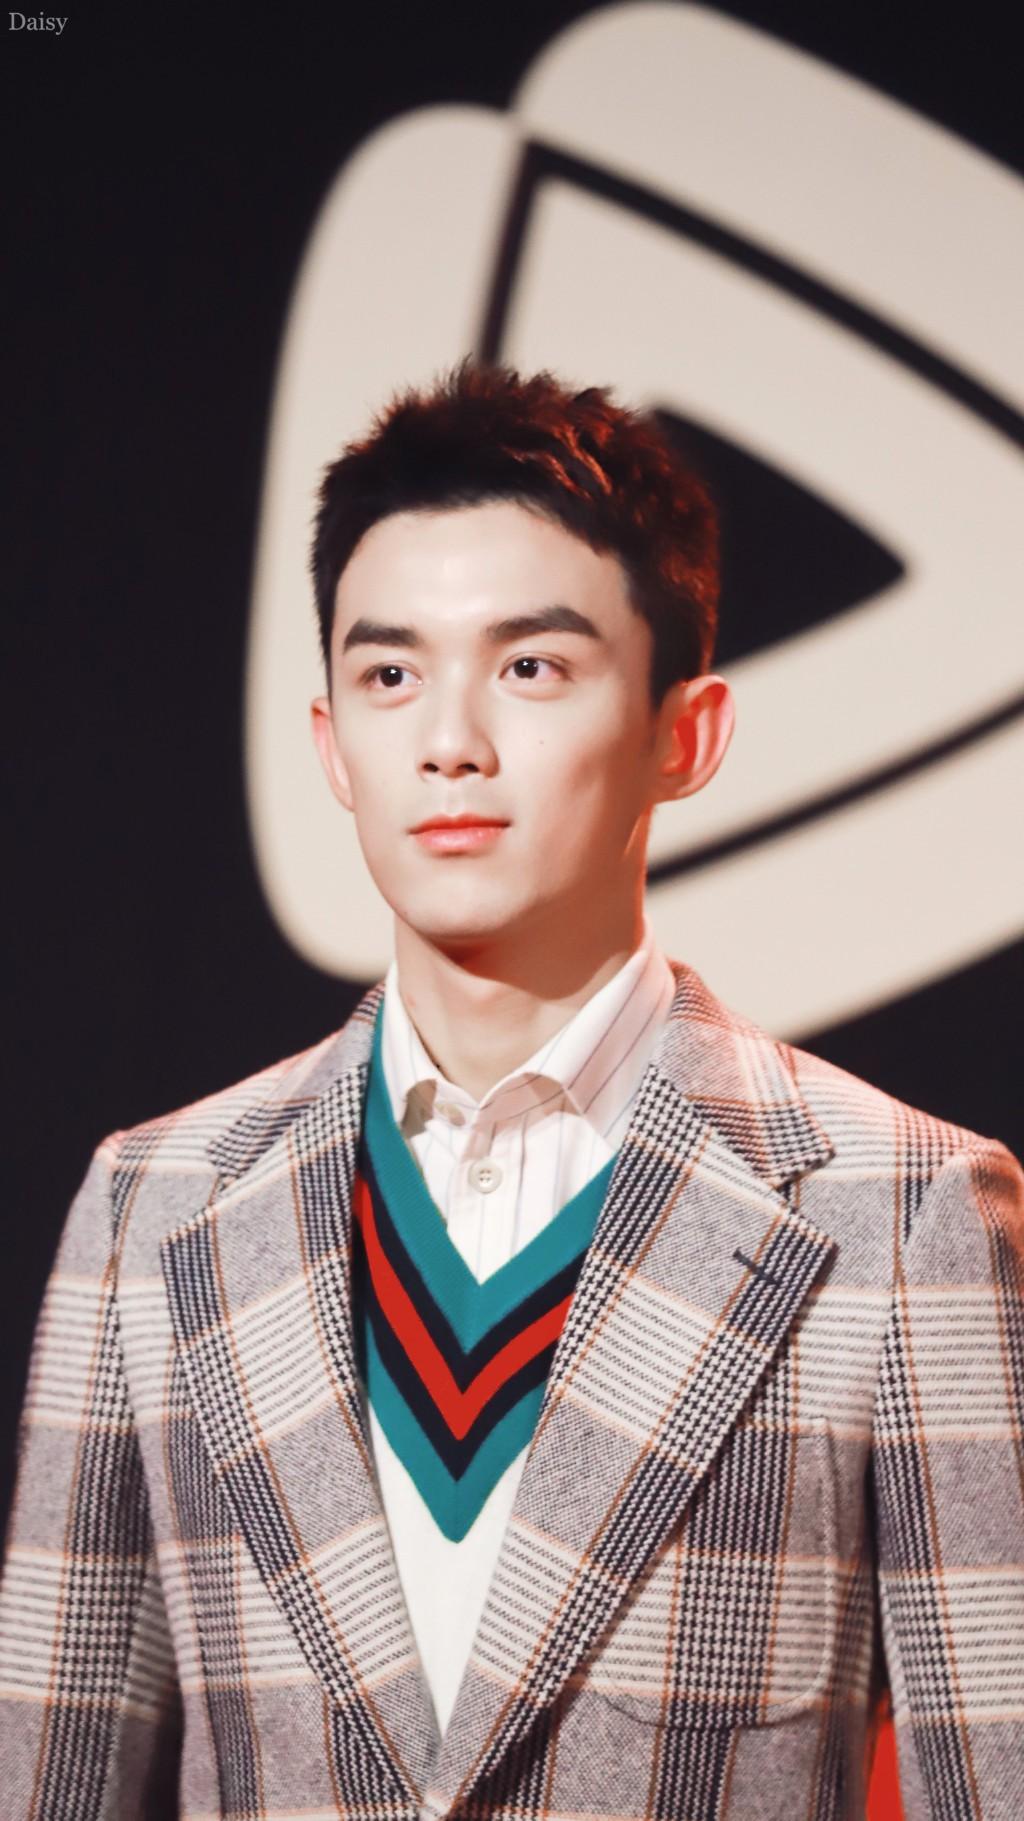 Góc trai đẹp bổ mắt: Luhan gây bão vì soái ca U30 hack tuổi, cạnh tranh sắc vóc với đàn em Ngô Lôi kém 9 tuổi - Ảnh 8.